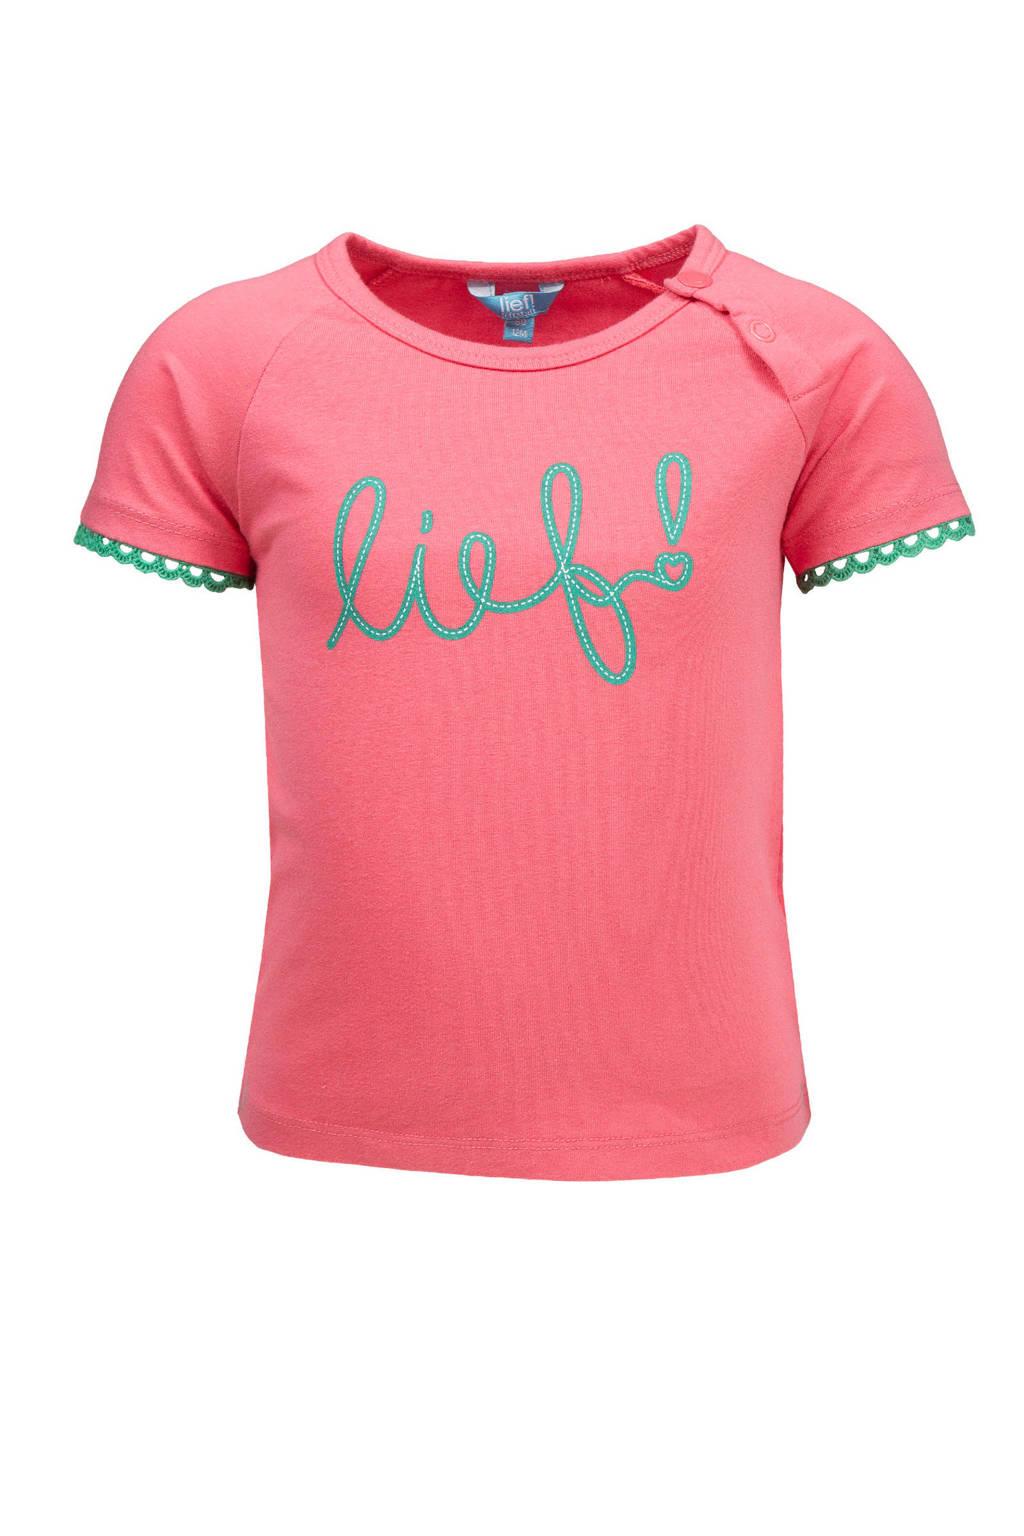 lief! T-shirt met logo roze, Donkerroze/groen